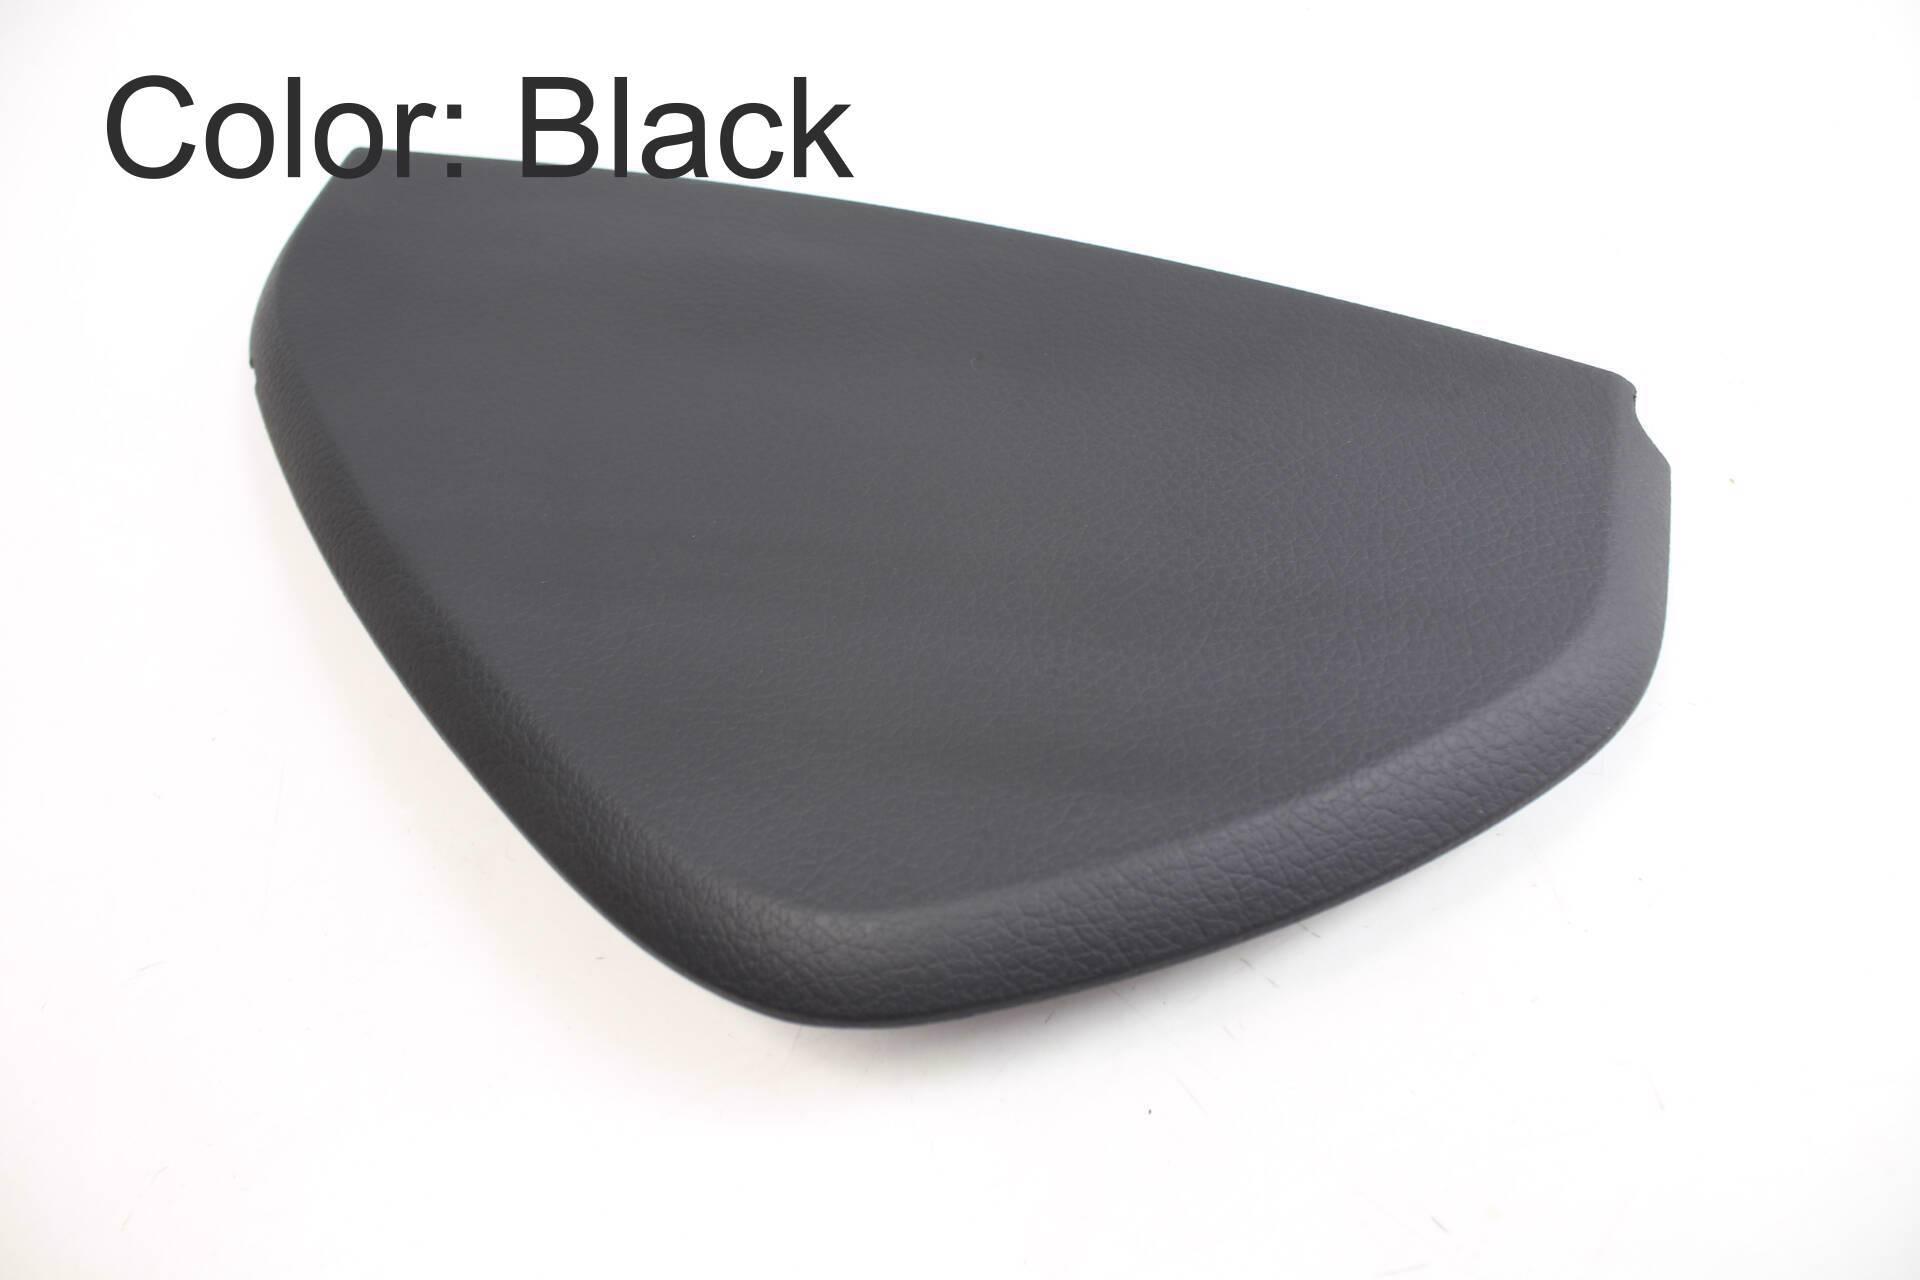 LEFT - FUSE BOX DASH COVER PANEL - AUDI A4 S4 - 8E0857085A - BLACK | eBay | Audi A4 Fuse Box Replacement Ebay |  | eBay